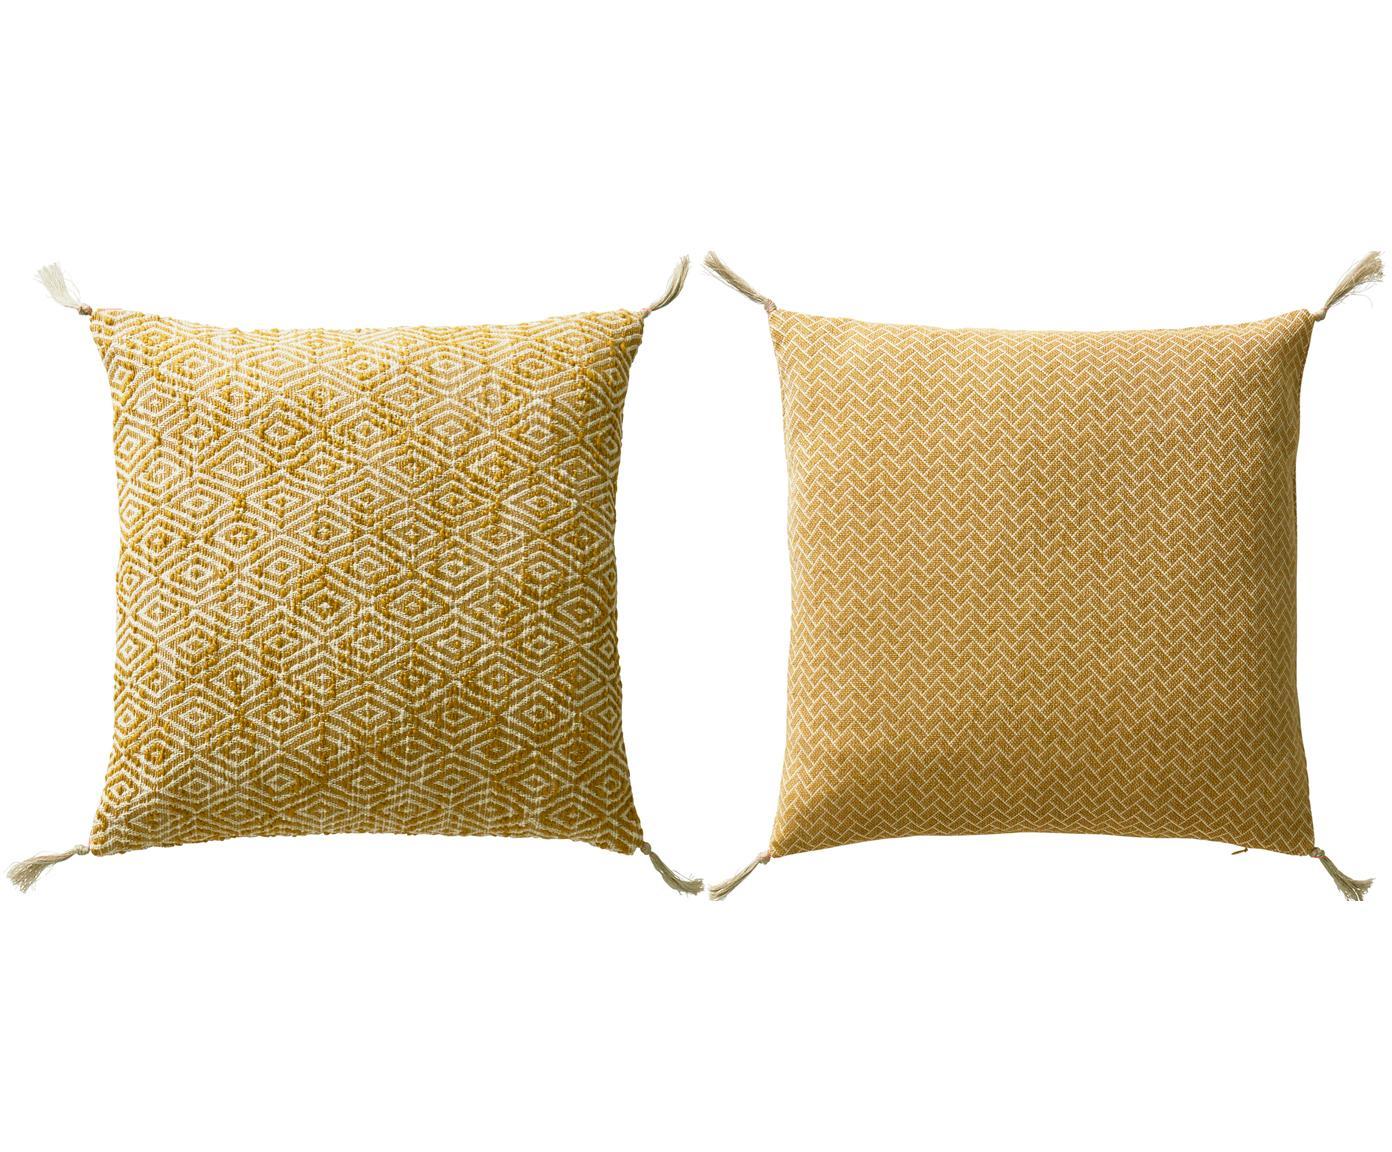 Gemustertes Kissenhüllen 2er Set Fancy mit Quasten, 100% Baumwolle, Gelb, gebrochenes Weiß, 45 x 45 cm